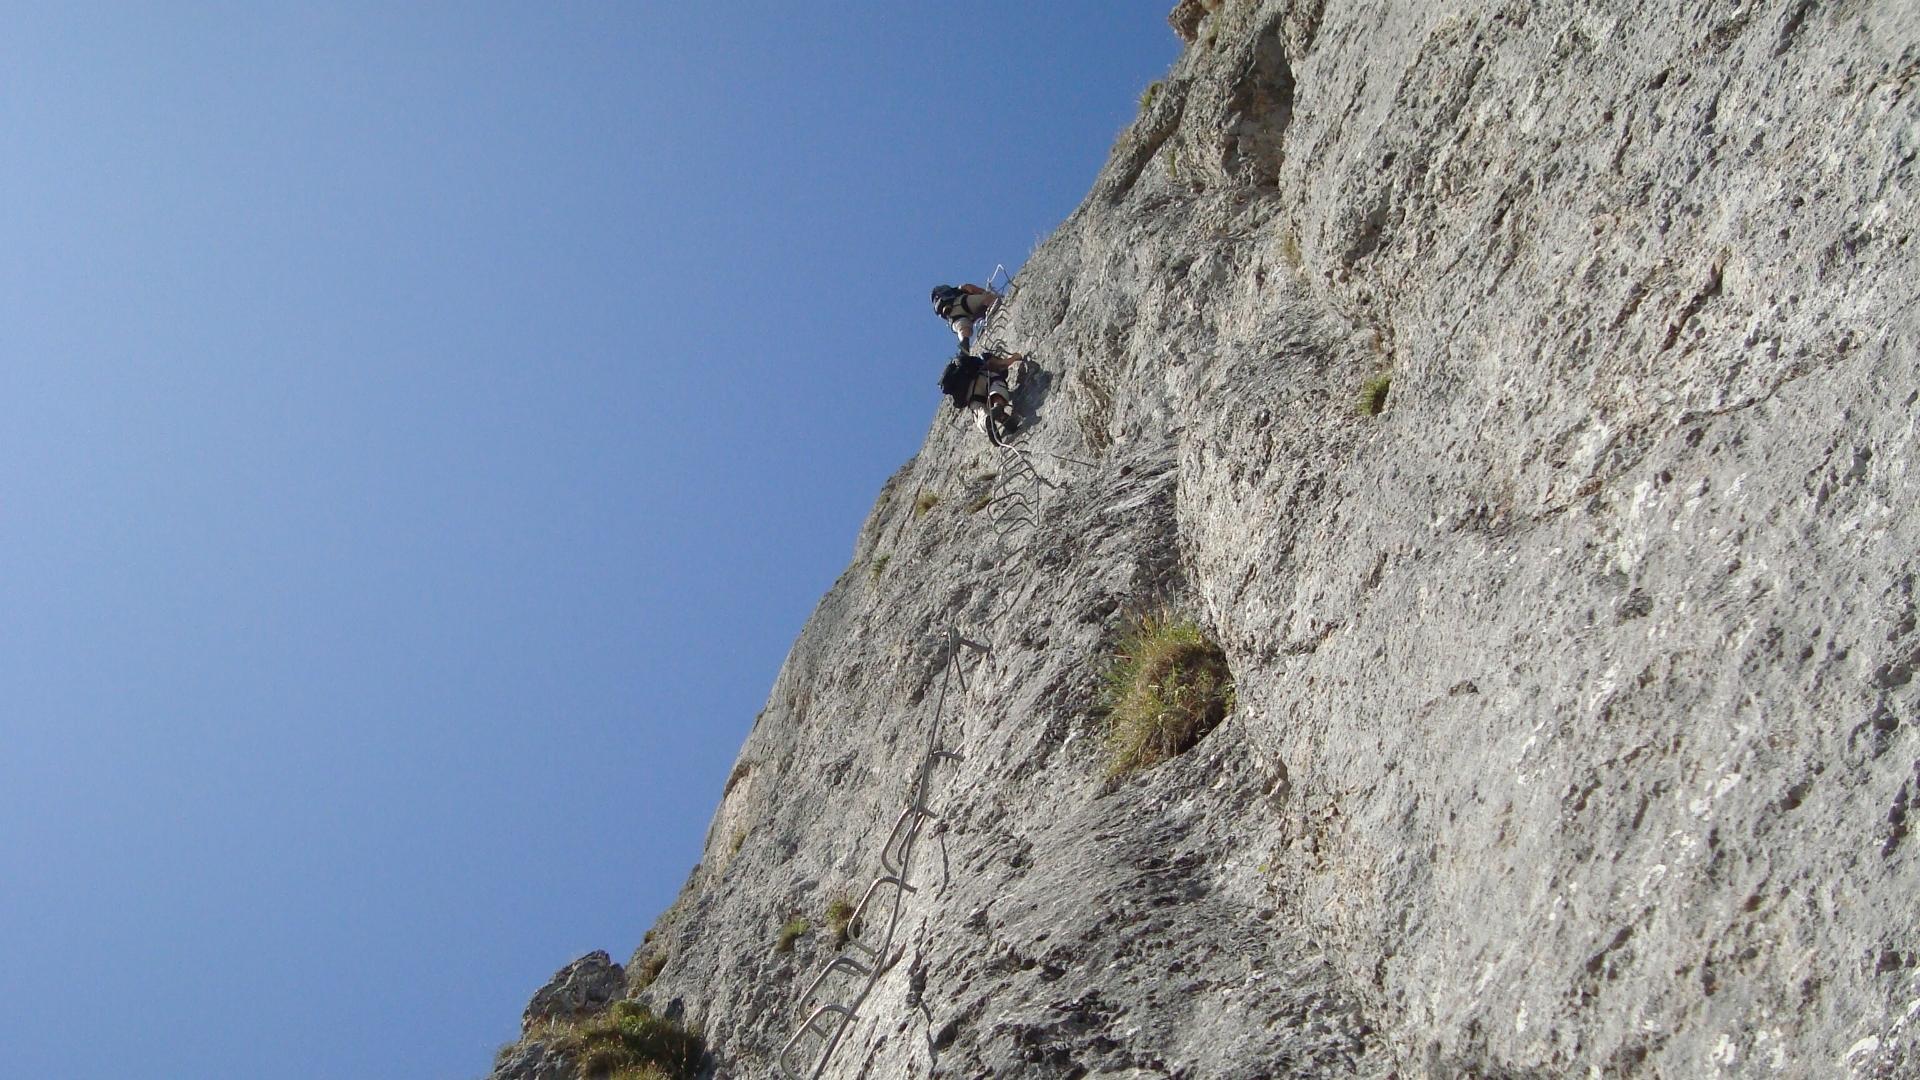 Klettersteig Switzerland : Klettersteig